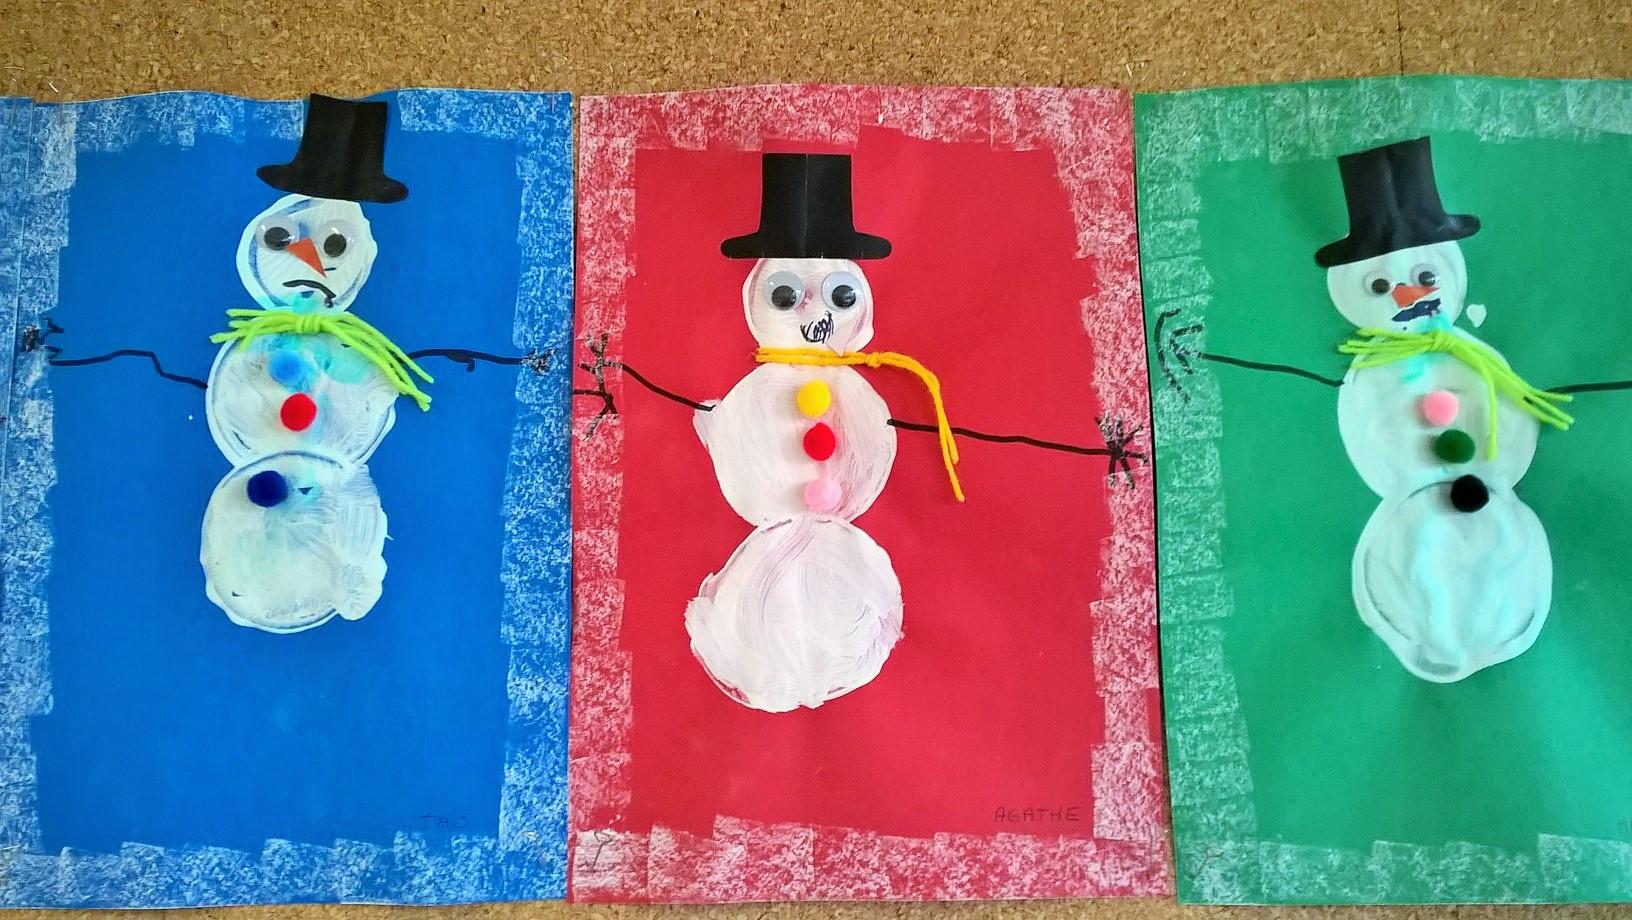 Bonhomme de neige 1 maternelle veux pas - Noel petite section ...